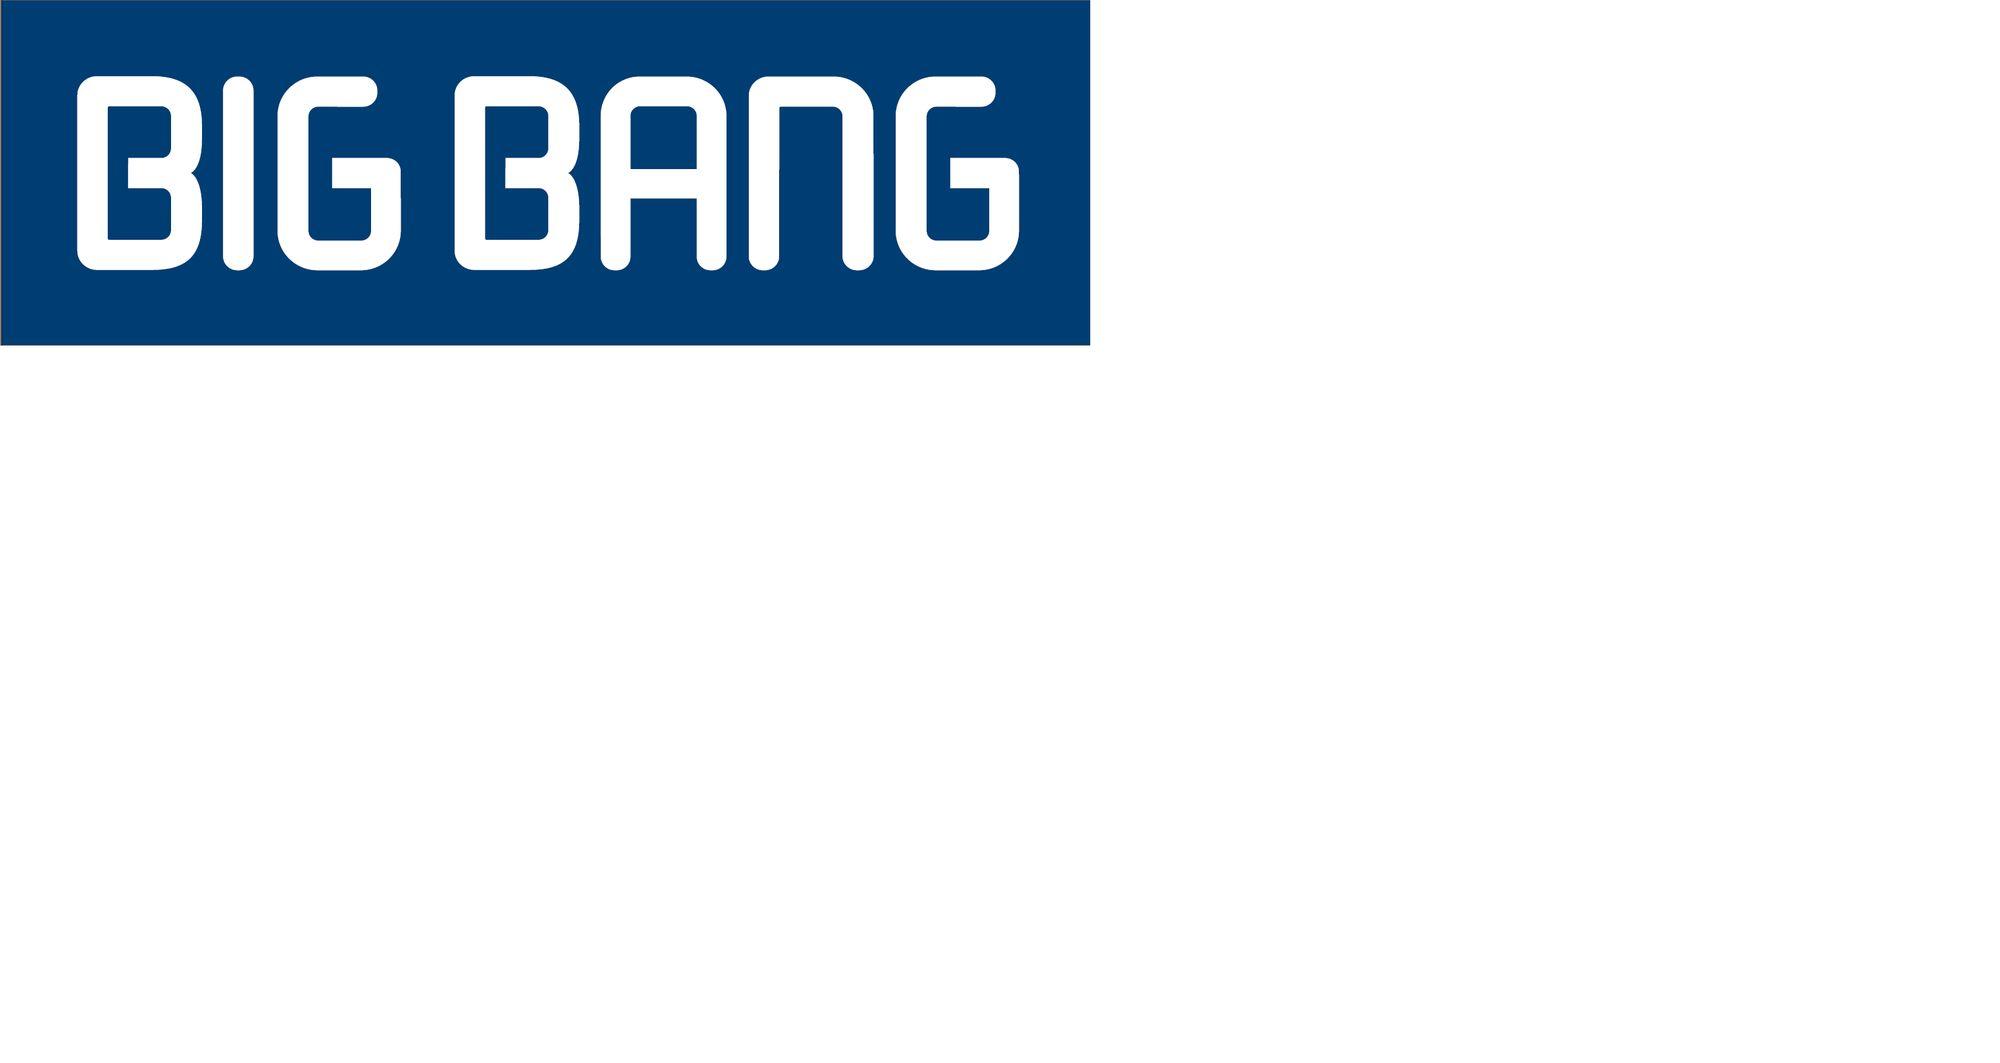 Big Bang d.o.o